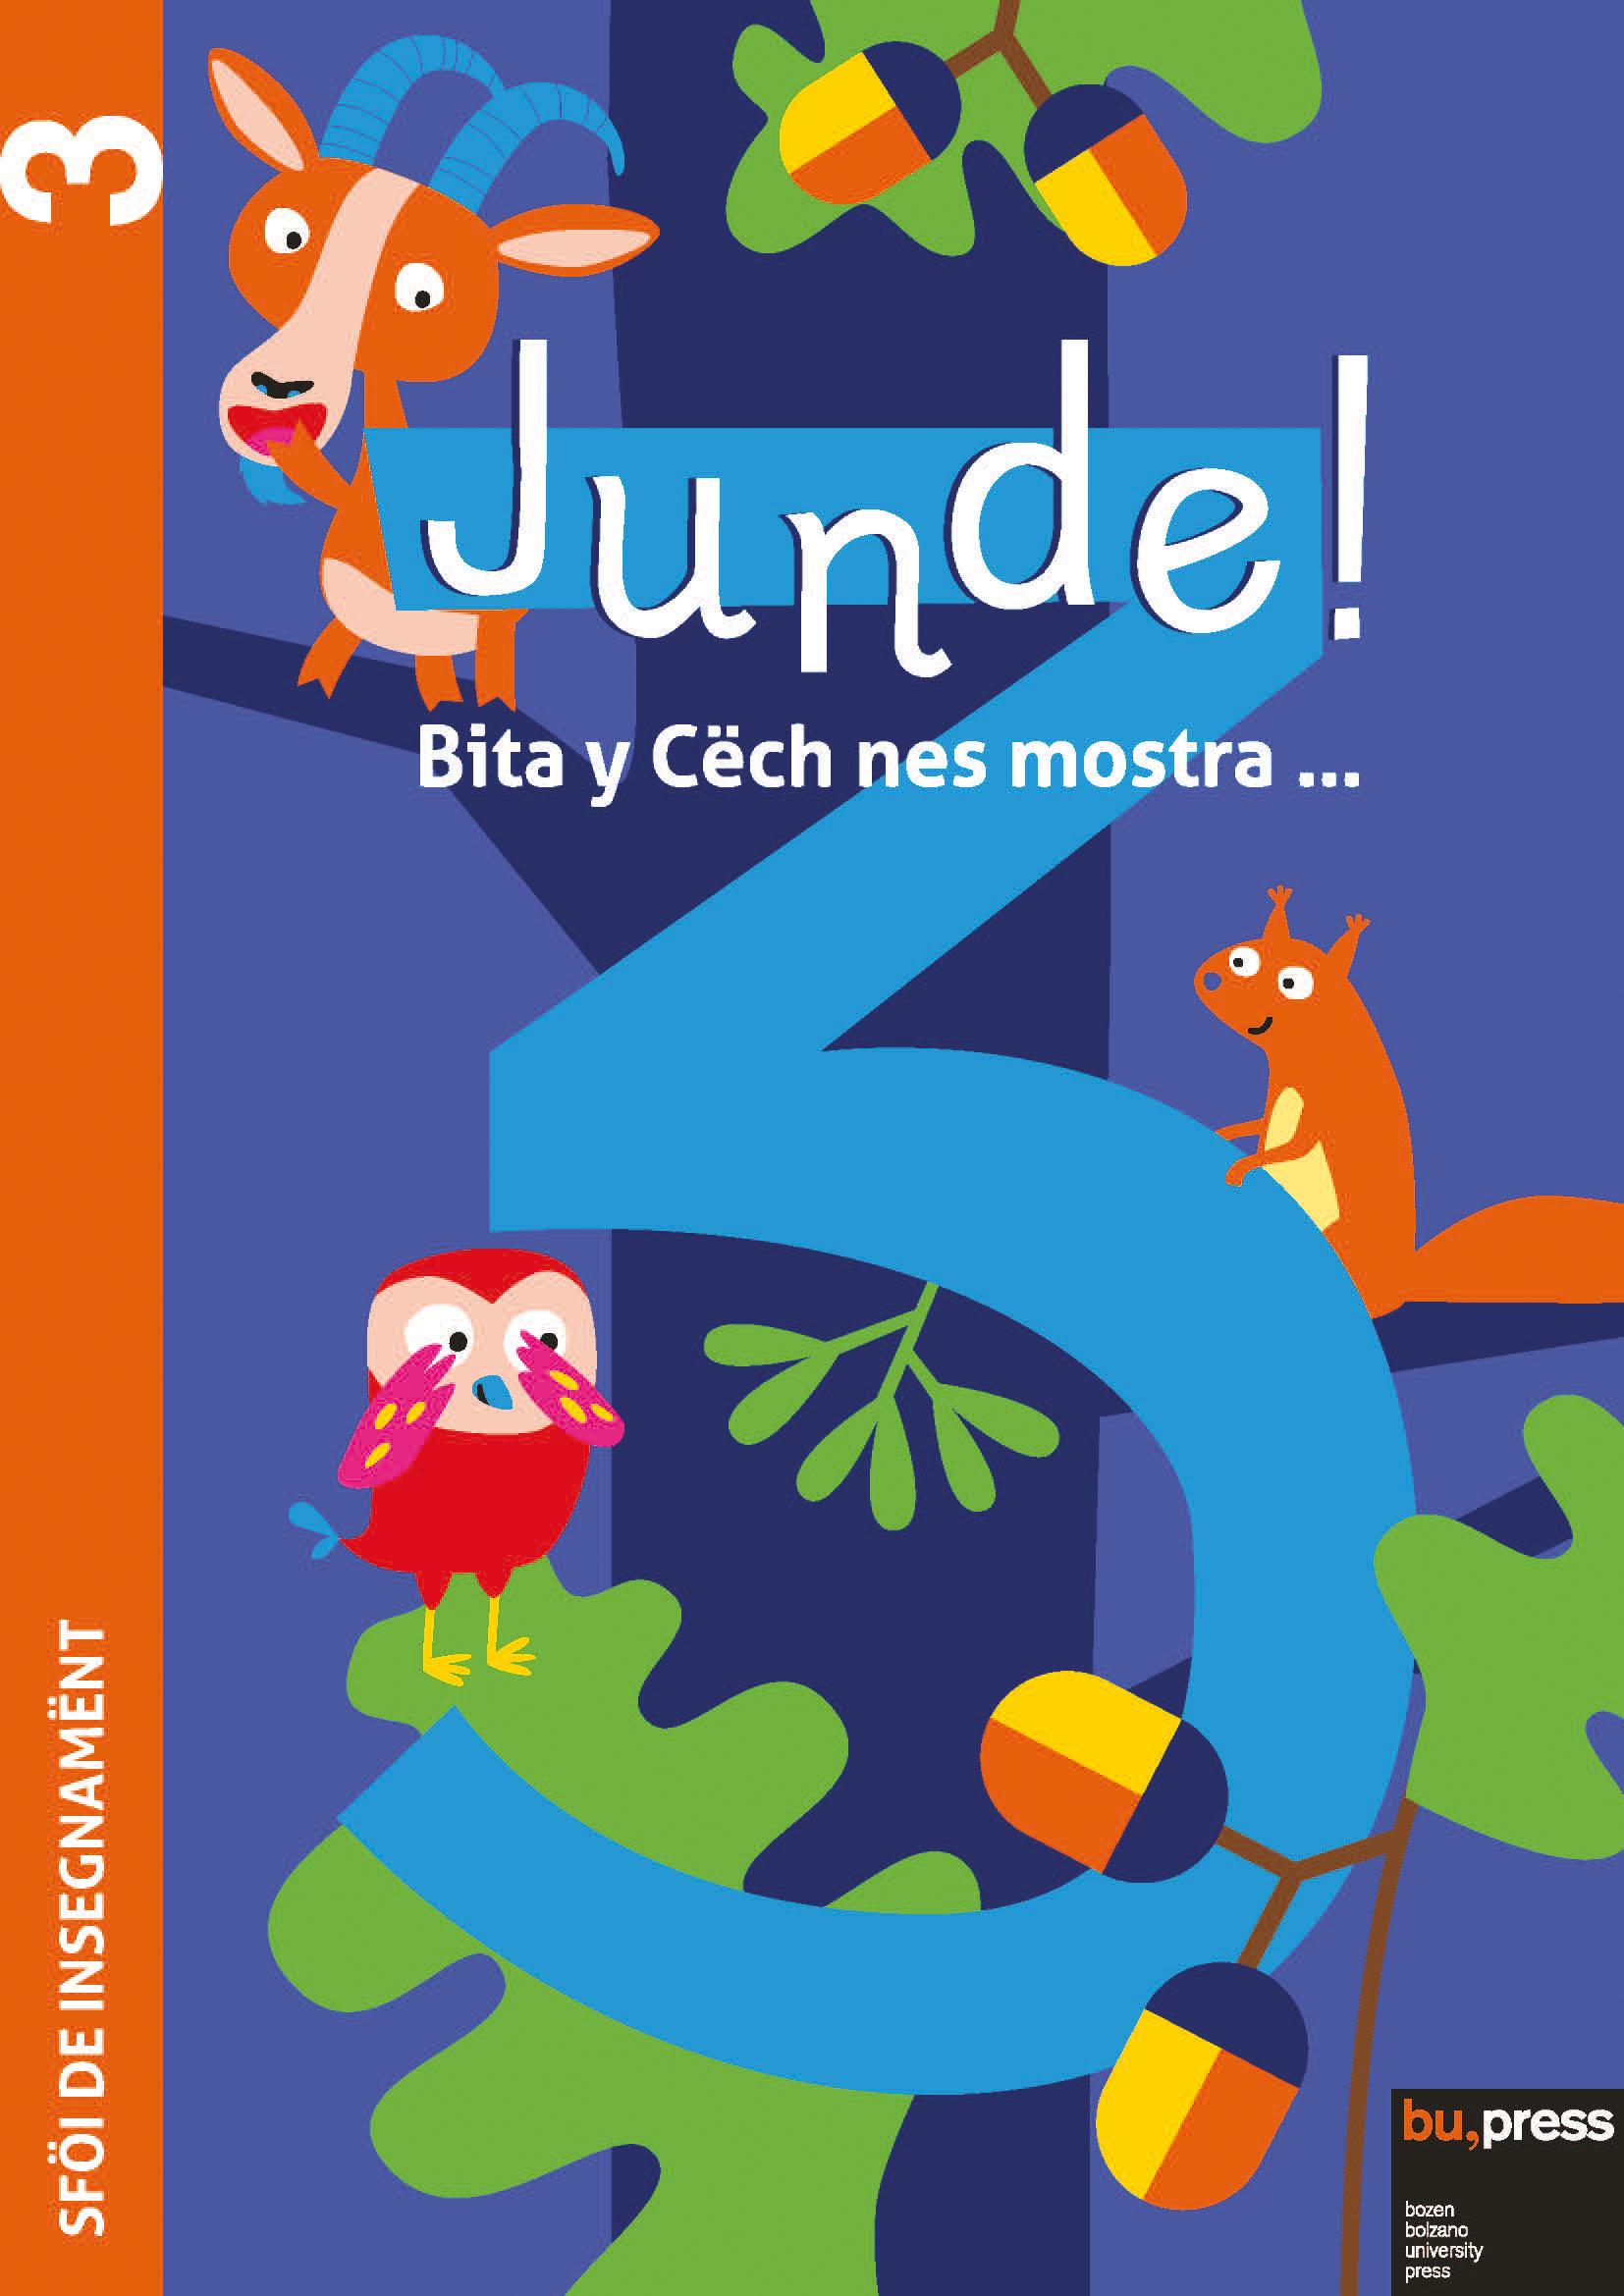 Cover of Junde! 3 – Sföi de insegnamënt